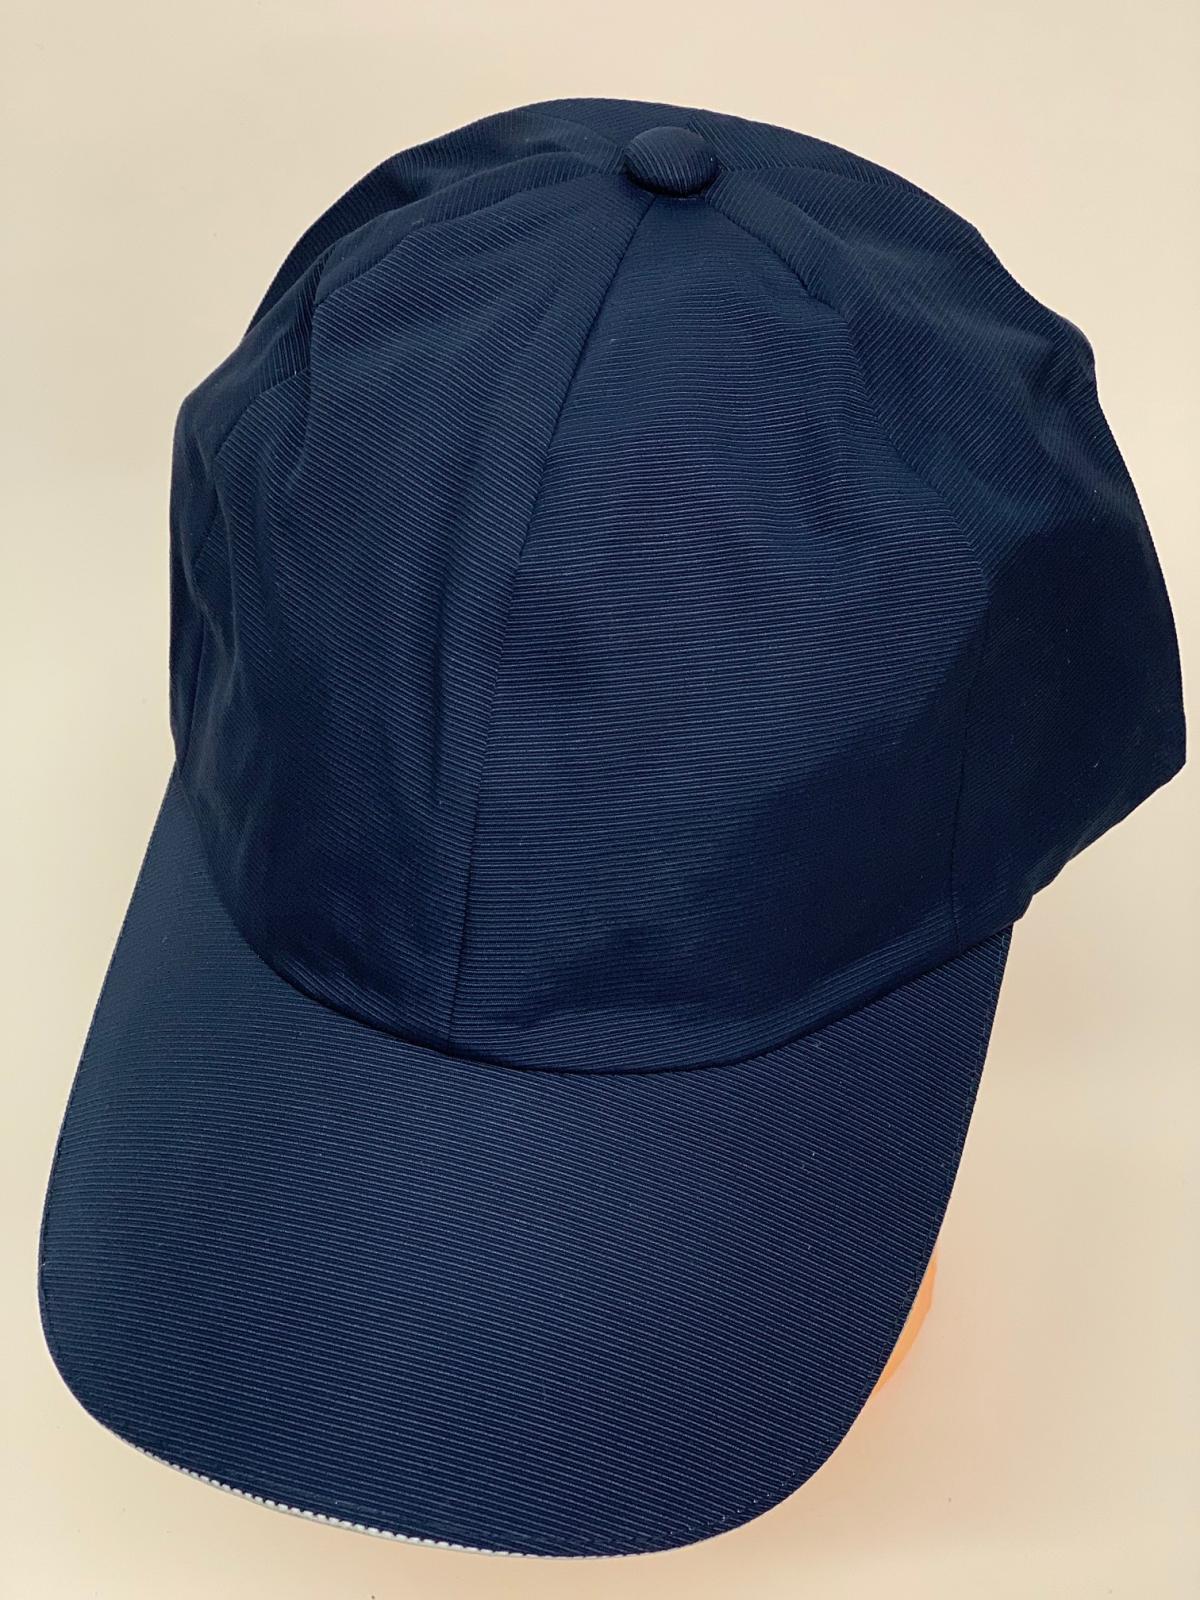 Темно-синяя бейсболка приятной текстуры классического кроя